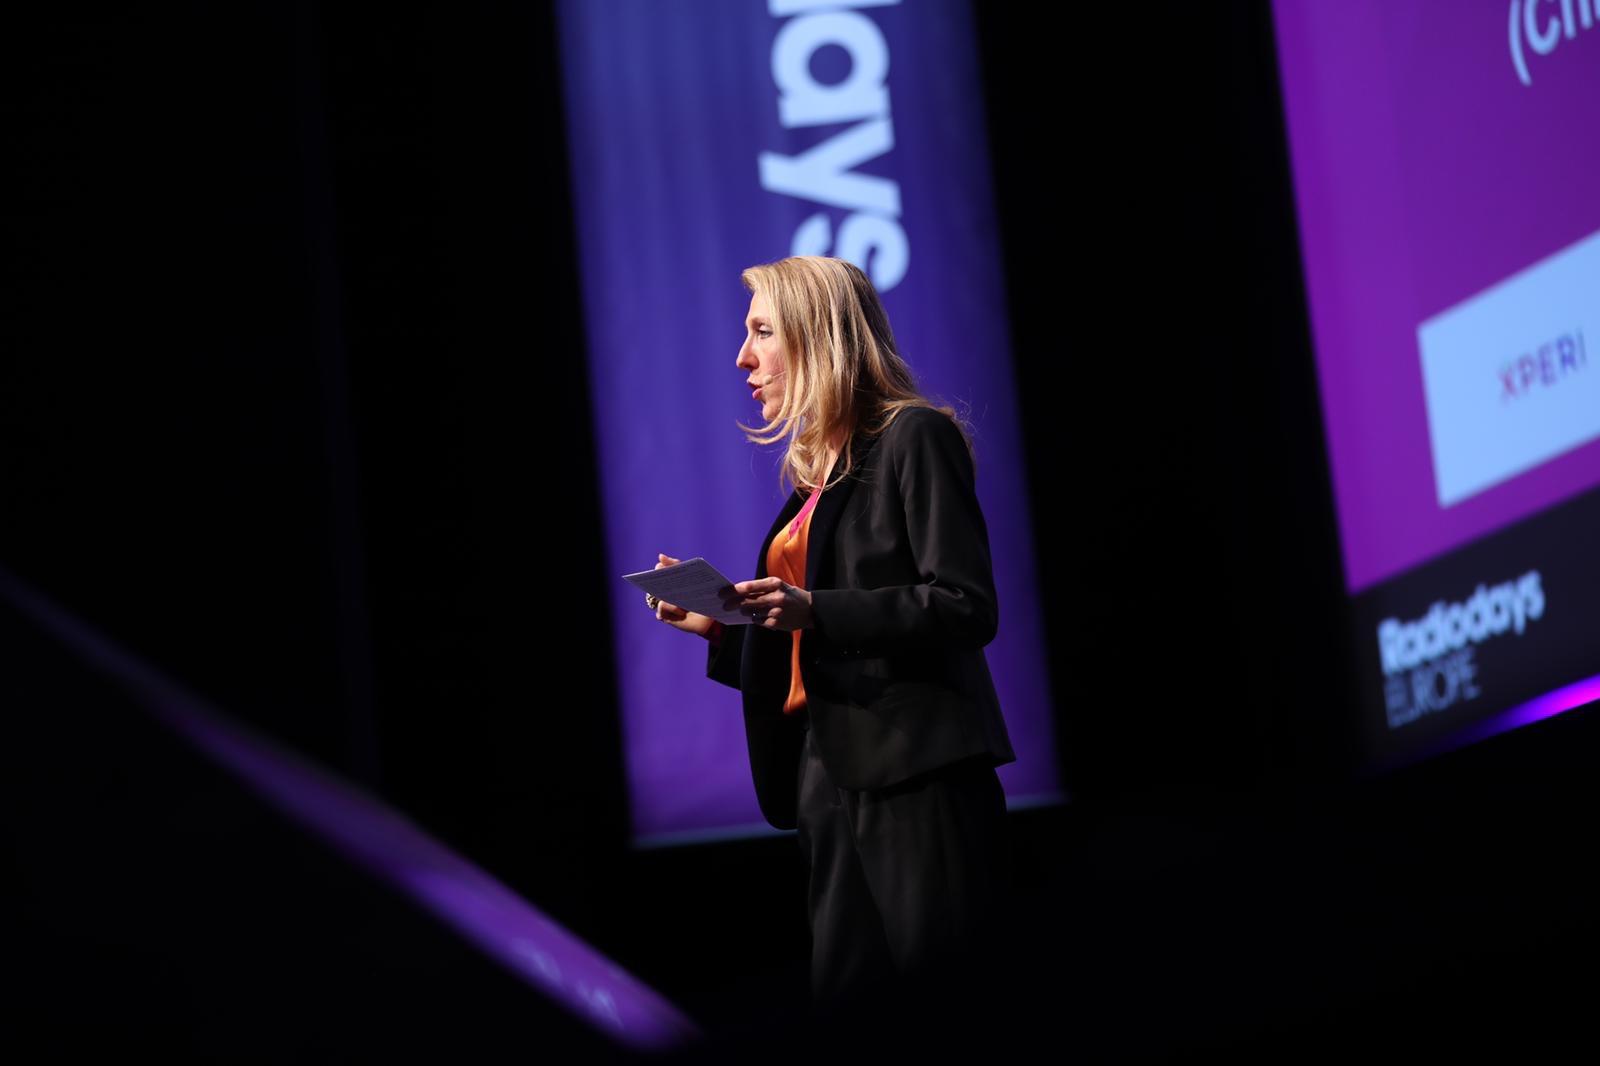 Sibyle Veil s'est exprimée en anglais sur la scène des Radiodays Europe à Lausanne. Photo RDE